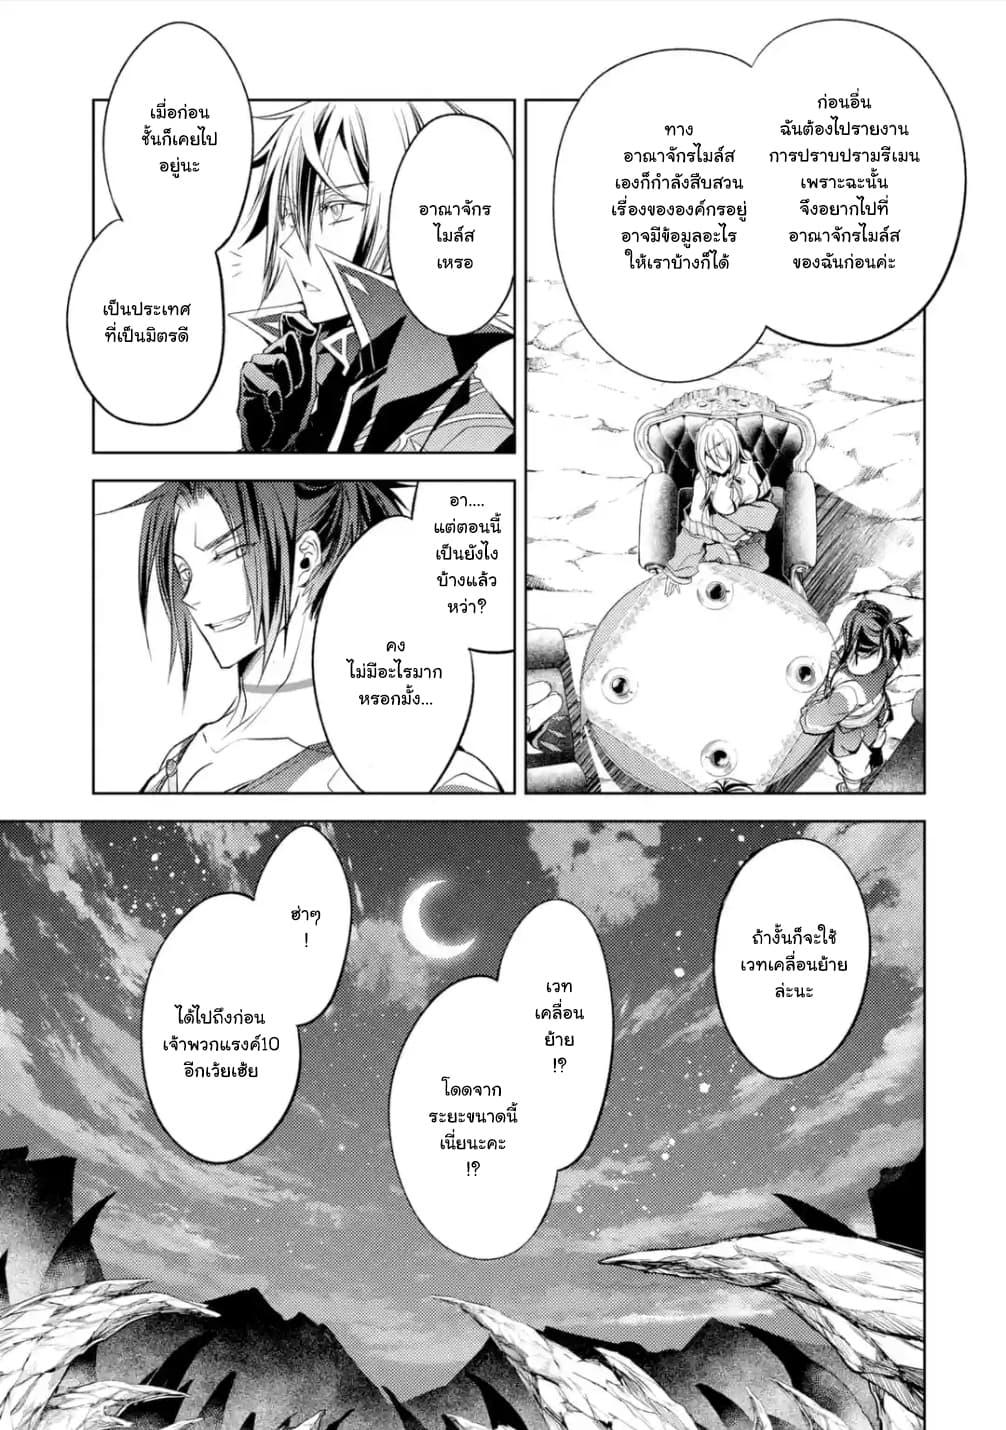 อ่านการ์ตูน Senmetsumadou no Saikyokenja ตอนที่ 4.4 หน้าที่ 4